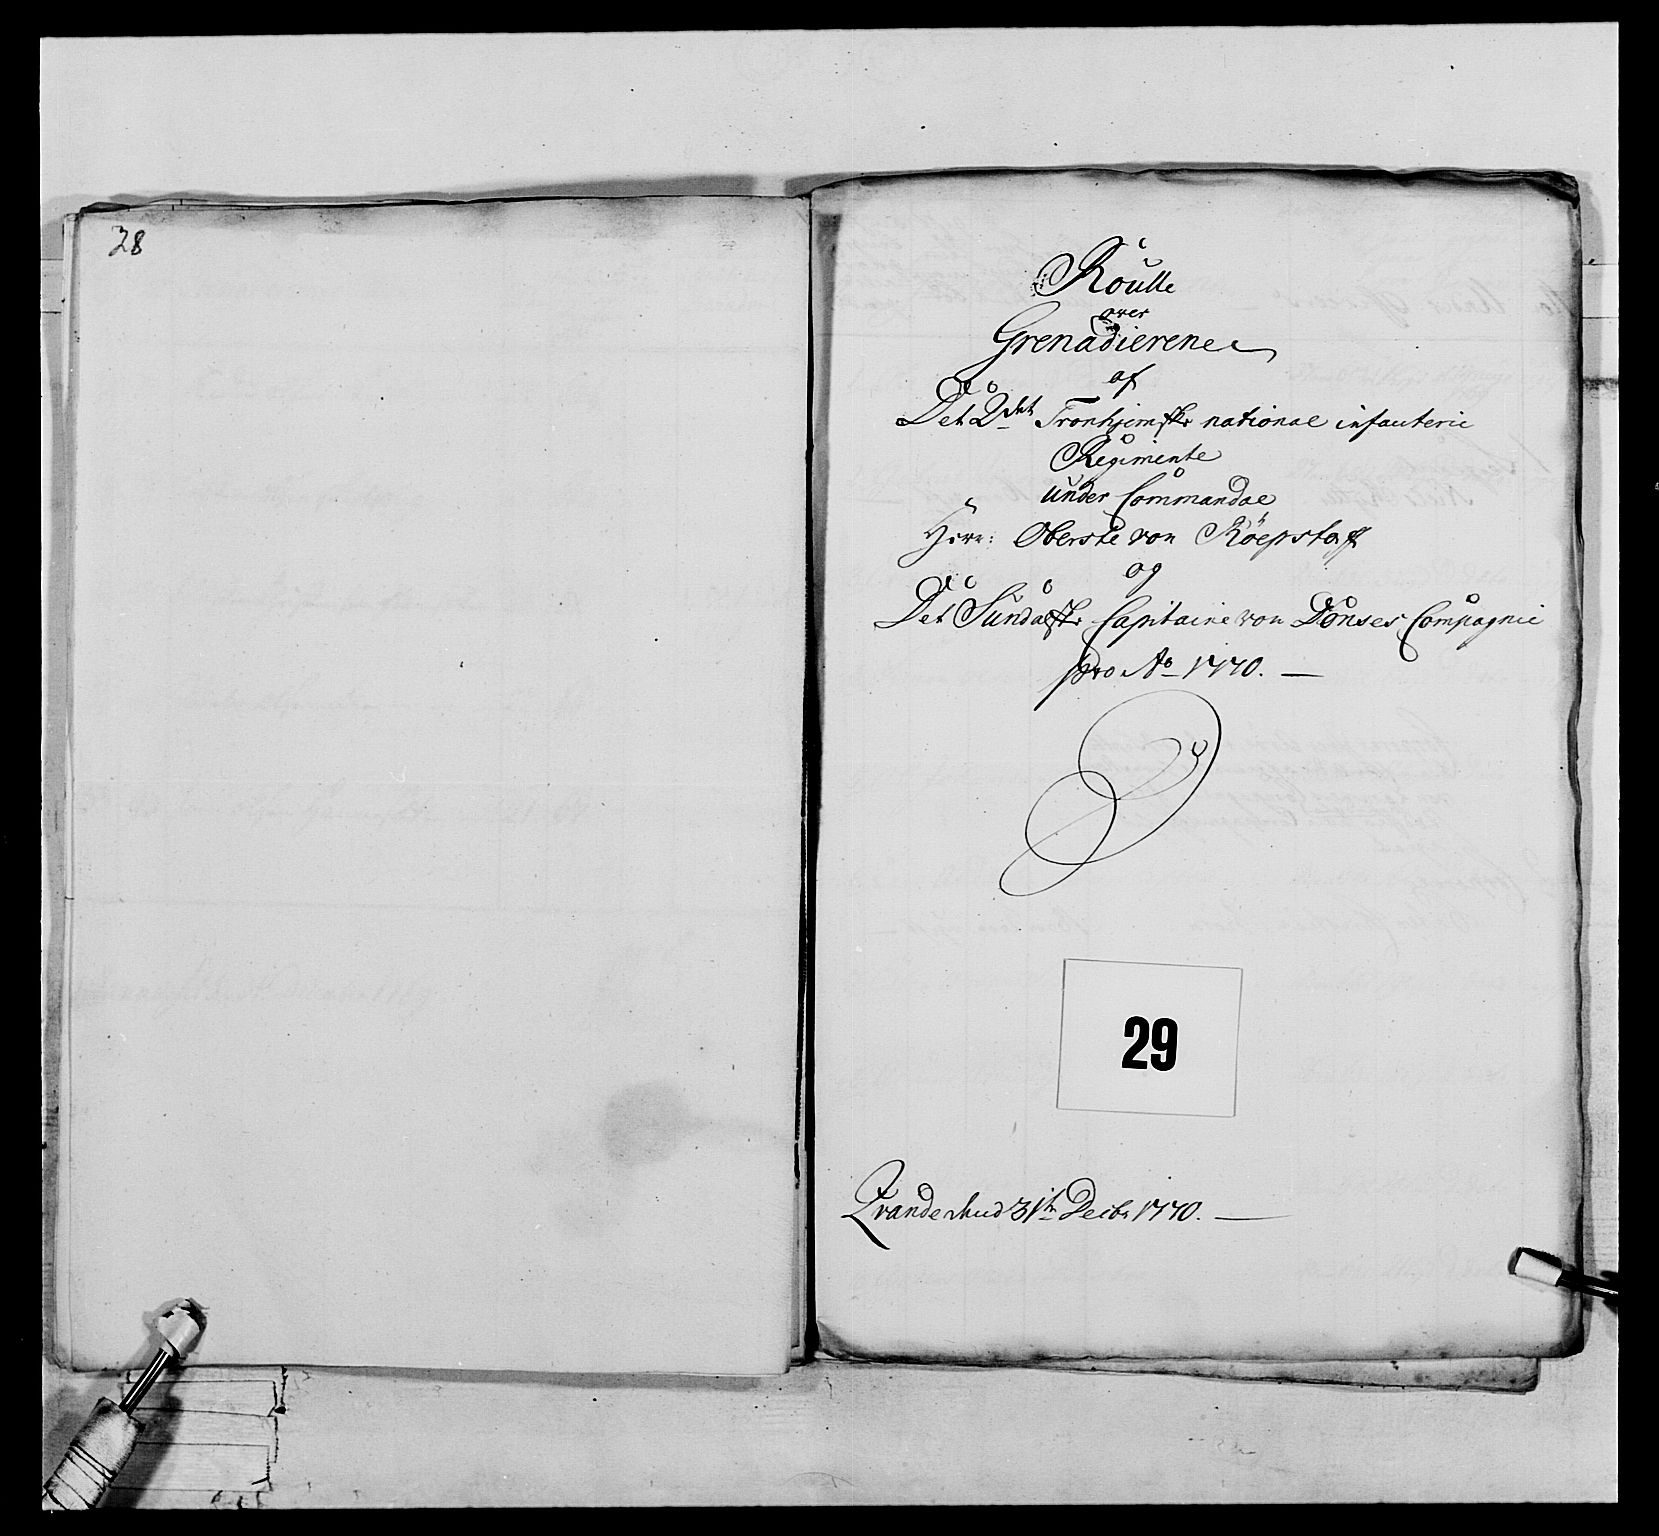 RA, Generalitets- og kommissariatskollegiet, Det kongelige norske kommissariatskollegium, E/Eh/L0076: 2. Trondheimske nasjonale infanteriregiment, 1766-1773, s. 80